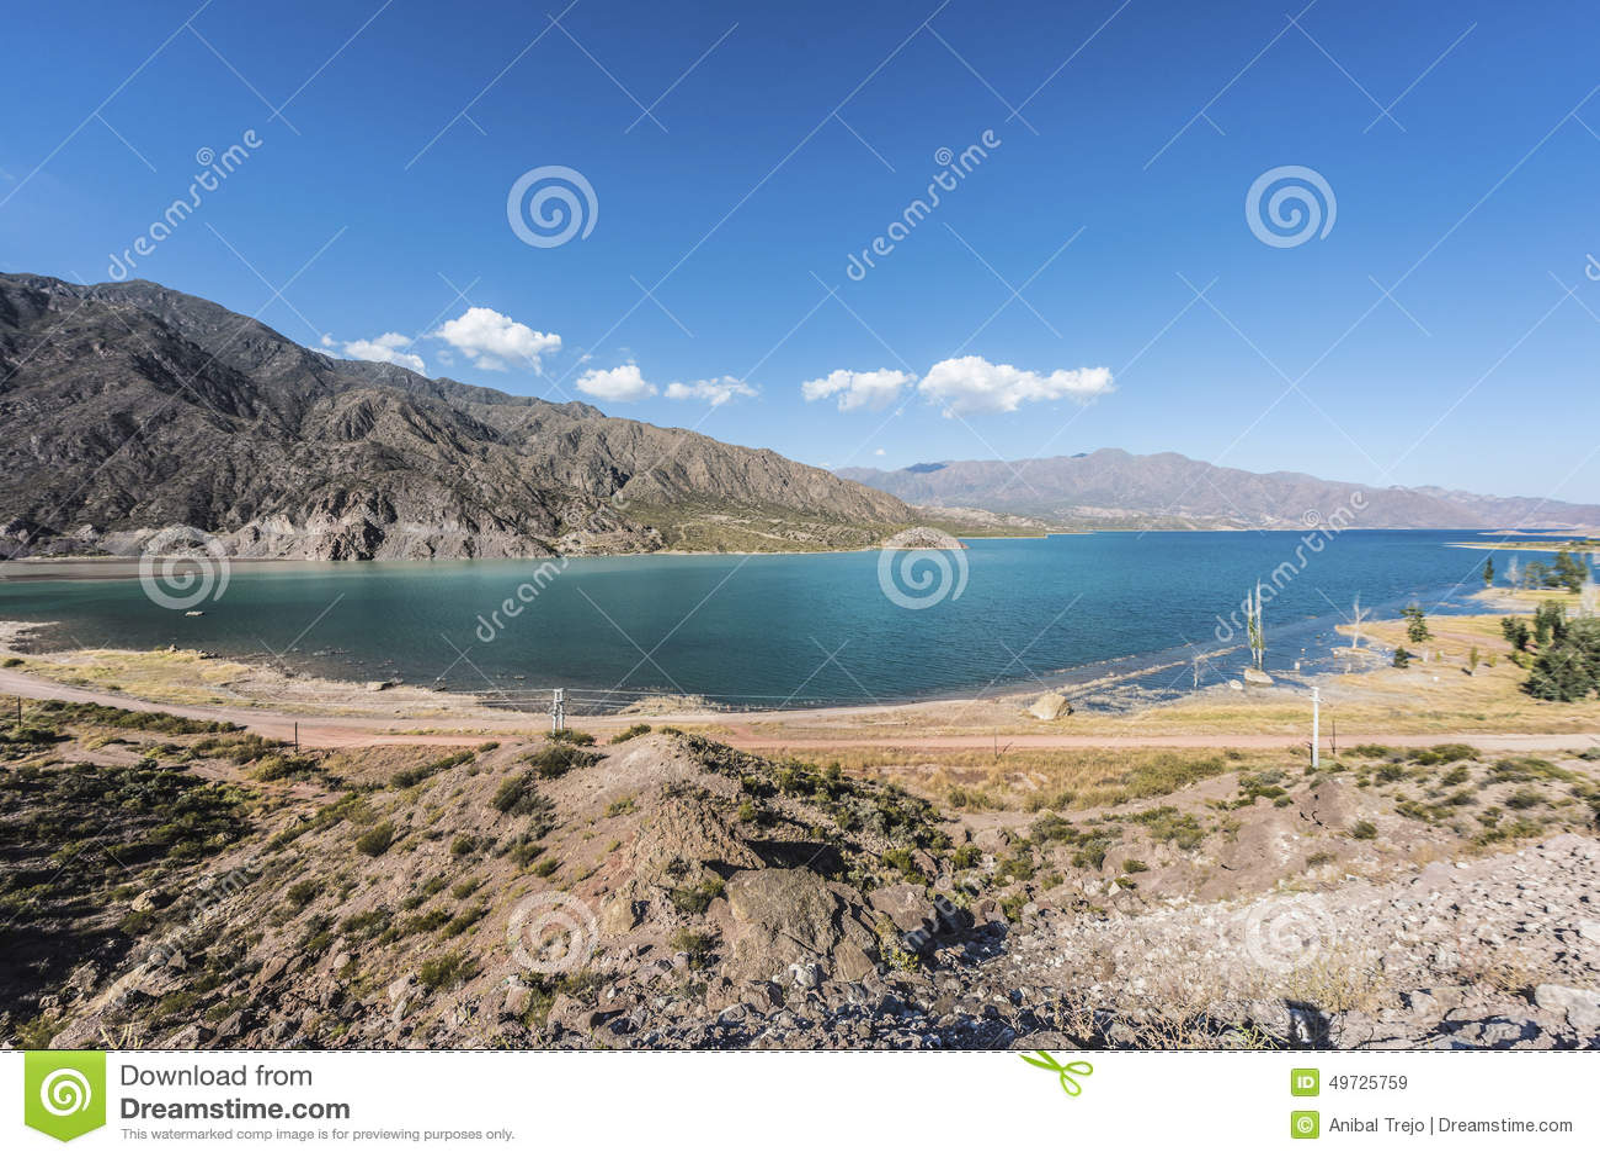 lujn de cuyo guys Repsol ypf lujan de cuyo refinery argentina is located at luj de cuyo, mendoza, argentina location coordinates are: latitude= -3306757, longitude= -6897048.